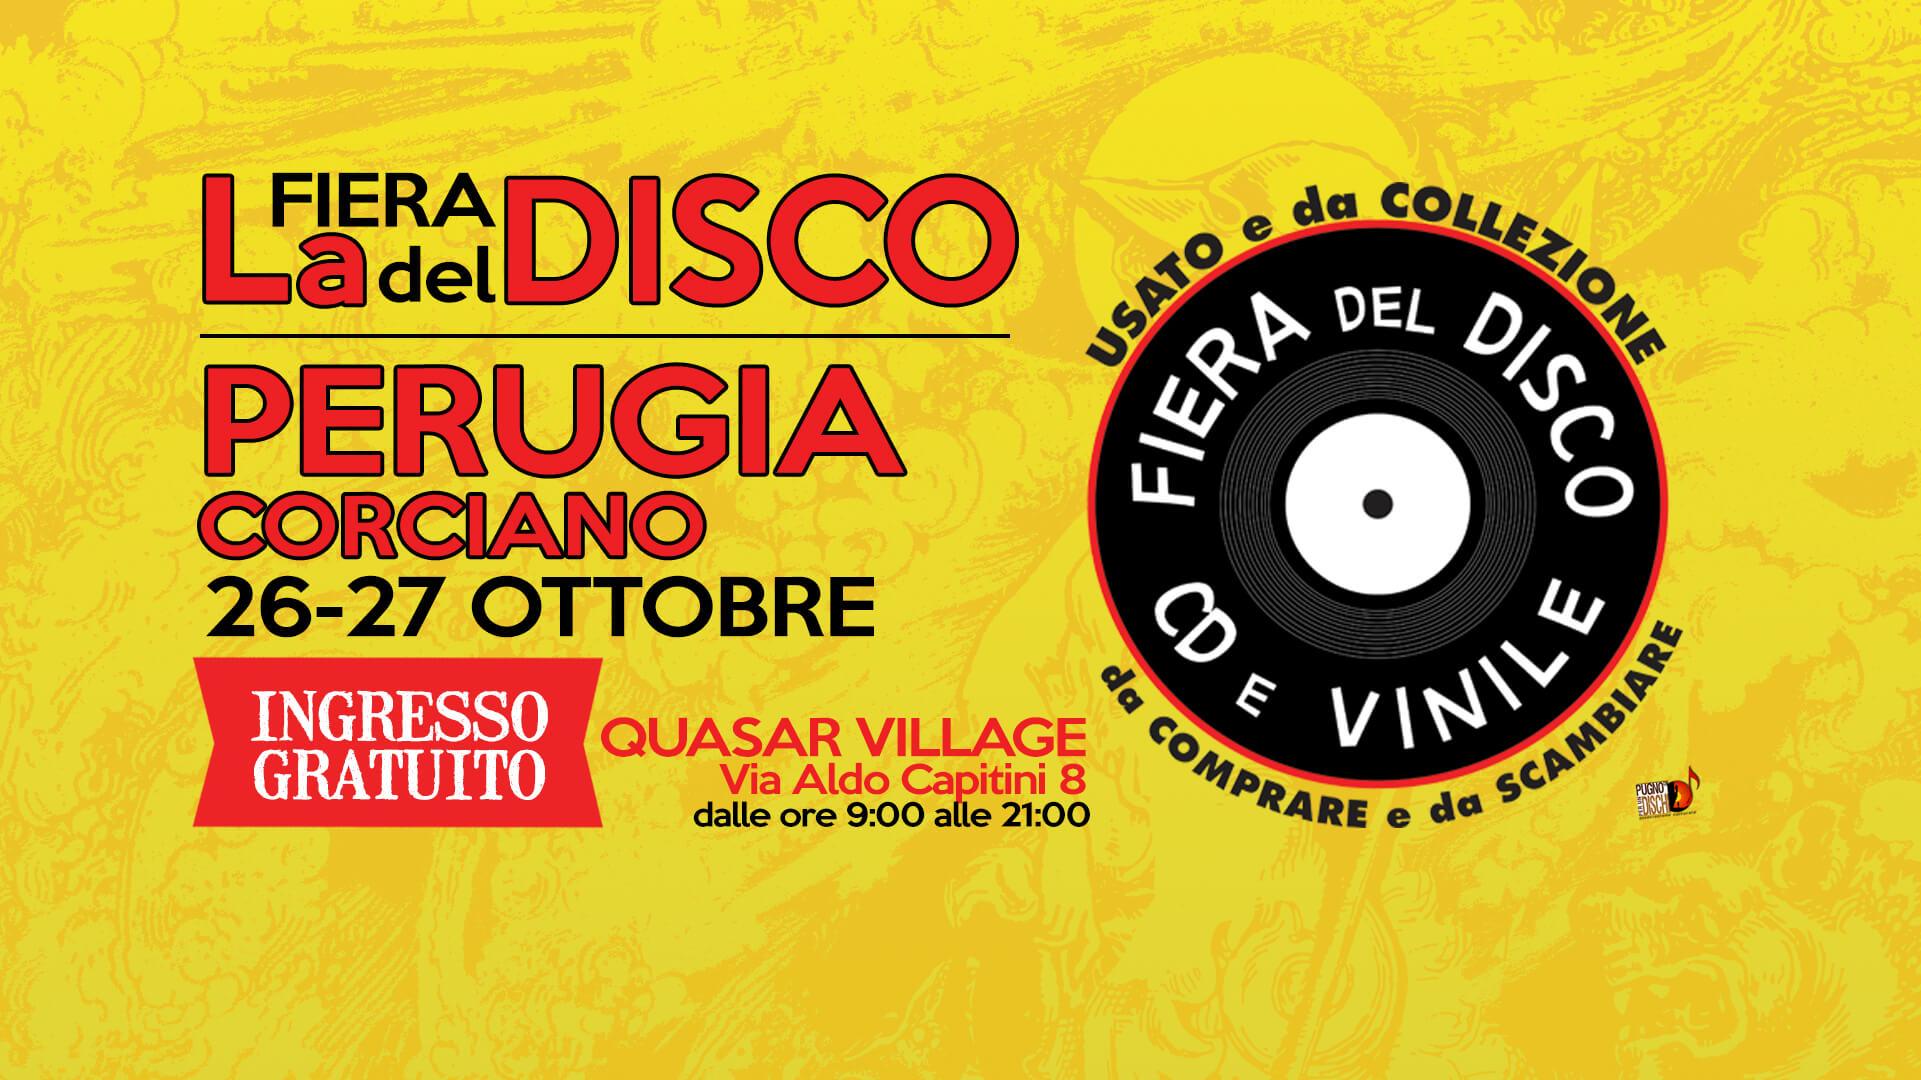 Calendario Ac Perugia.Fiera Del Disco Di Perugia 26 27 Ottobre 2019